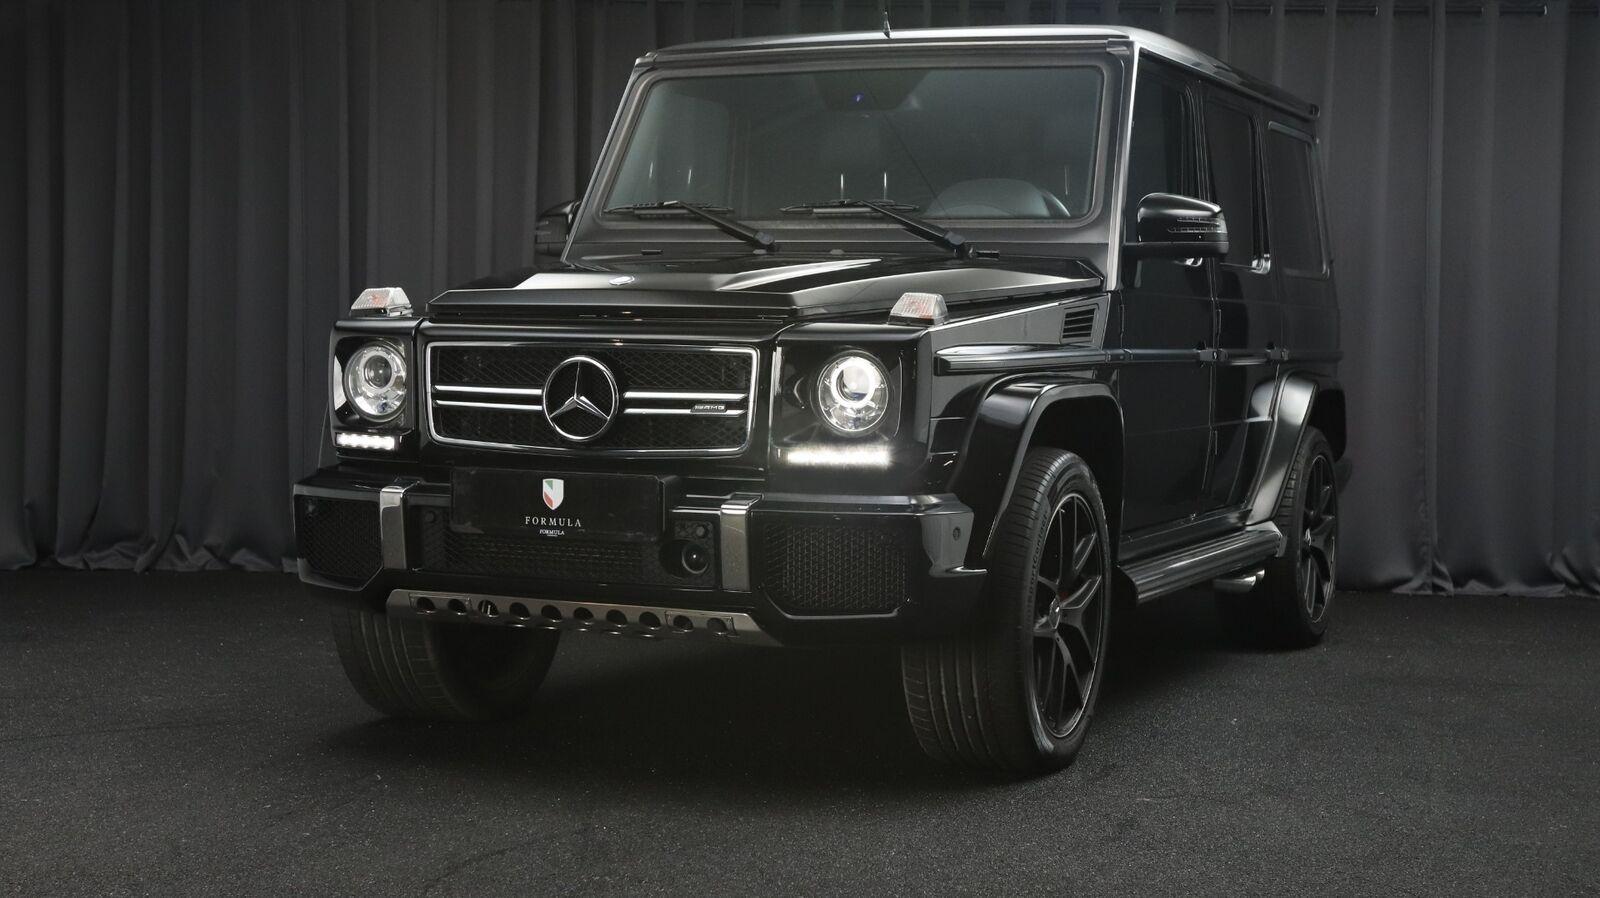 Mercedes G63 5,5 AMG aut. 5d - 12.995 kr.